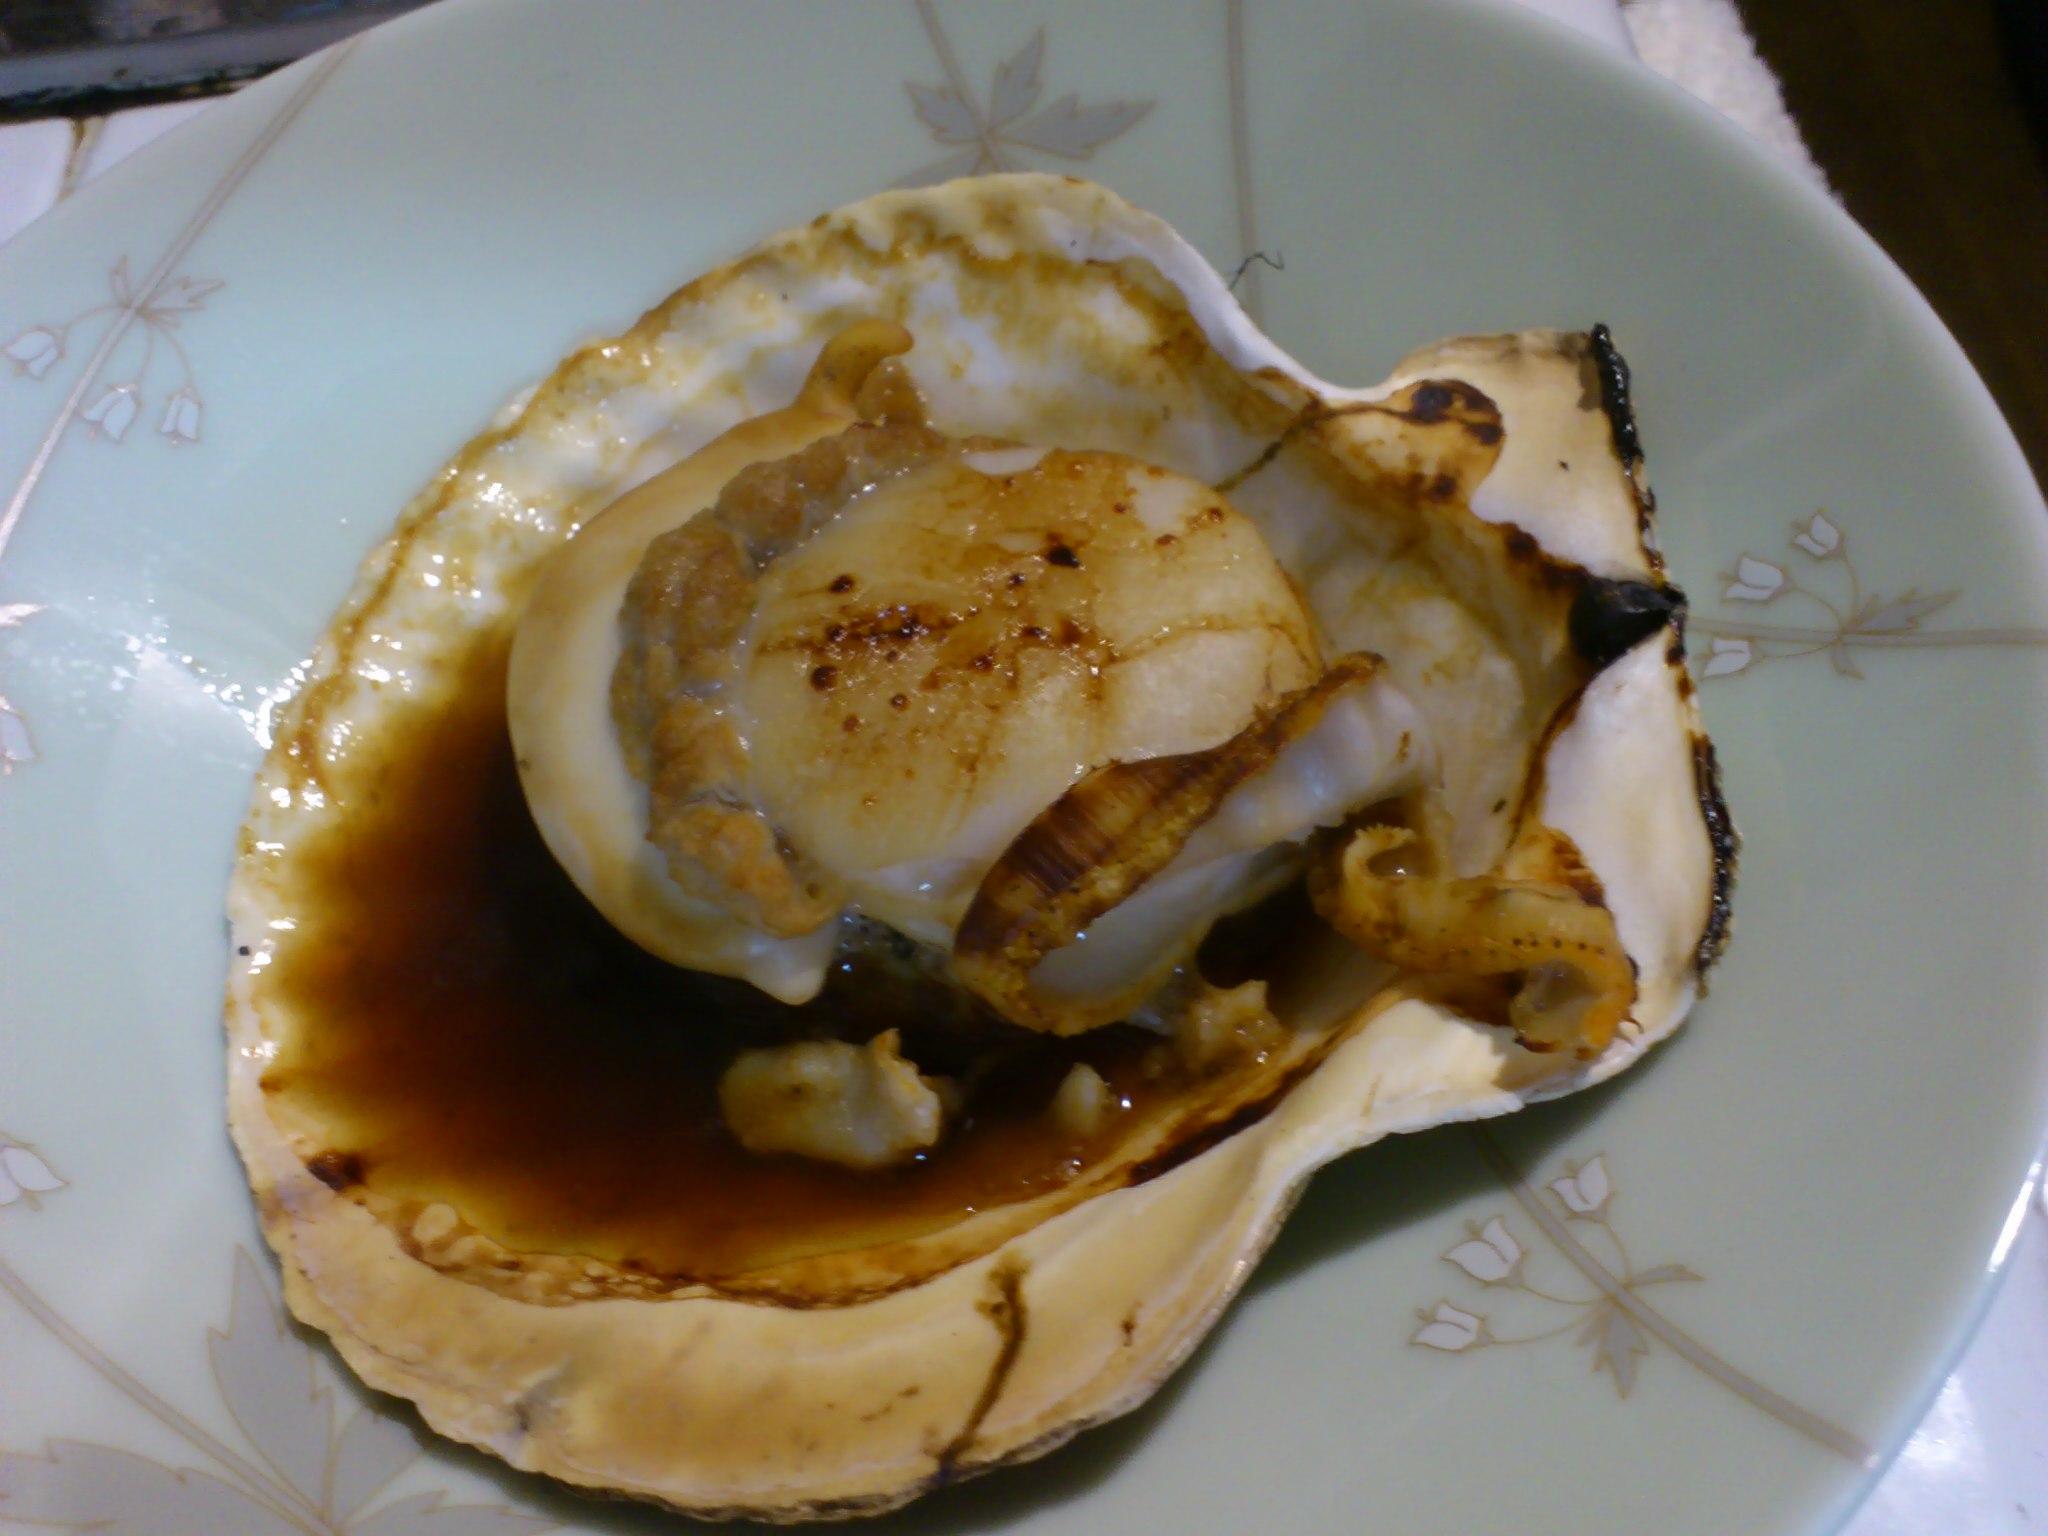 北海道直送の殻付きホタテとカキをいただきました!ホタテは浜焼き、カキは鍋に。美味い〜!豪華な晩餐☆